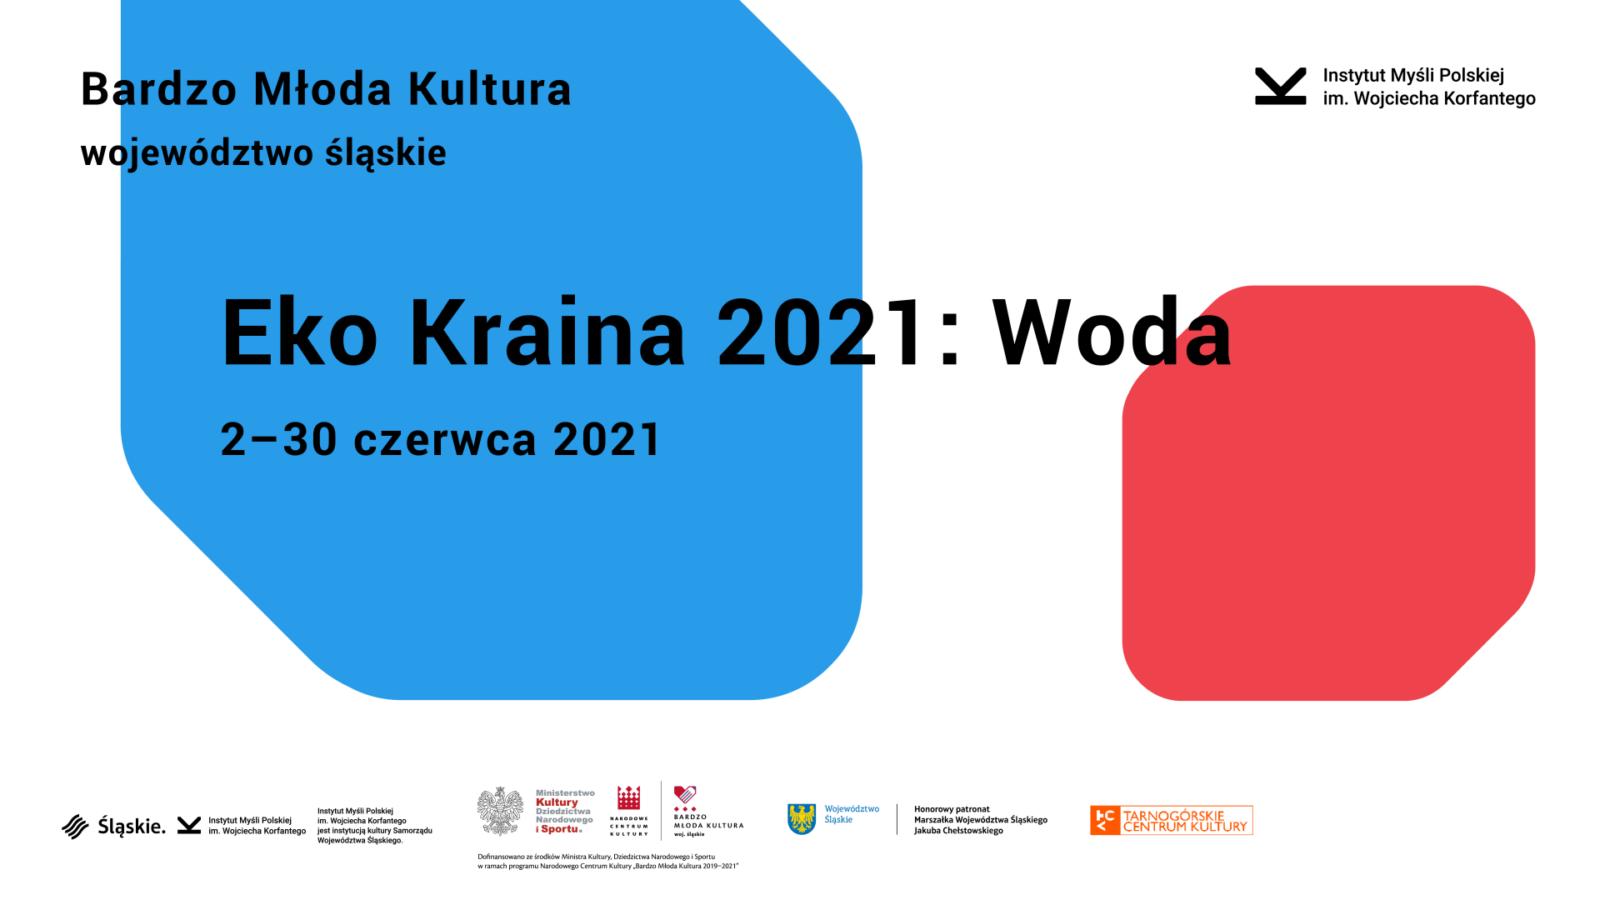 Eko Kraina 2021 WODA 2-30 czerwca 2021 - infografika